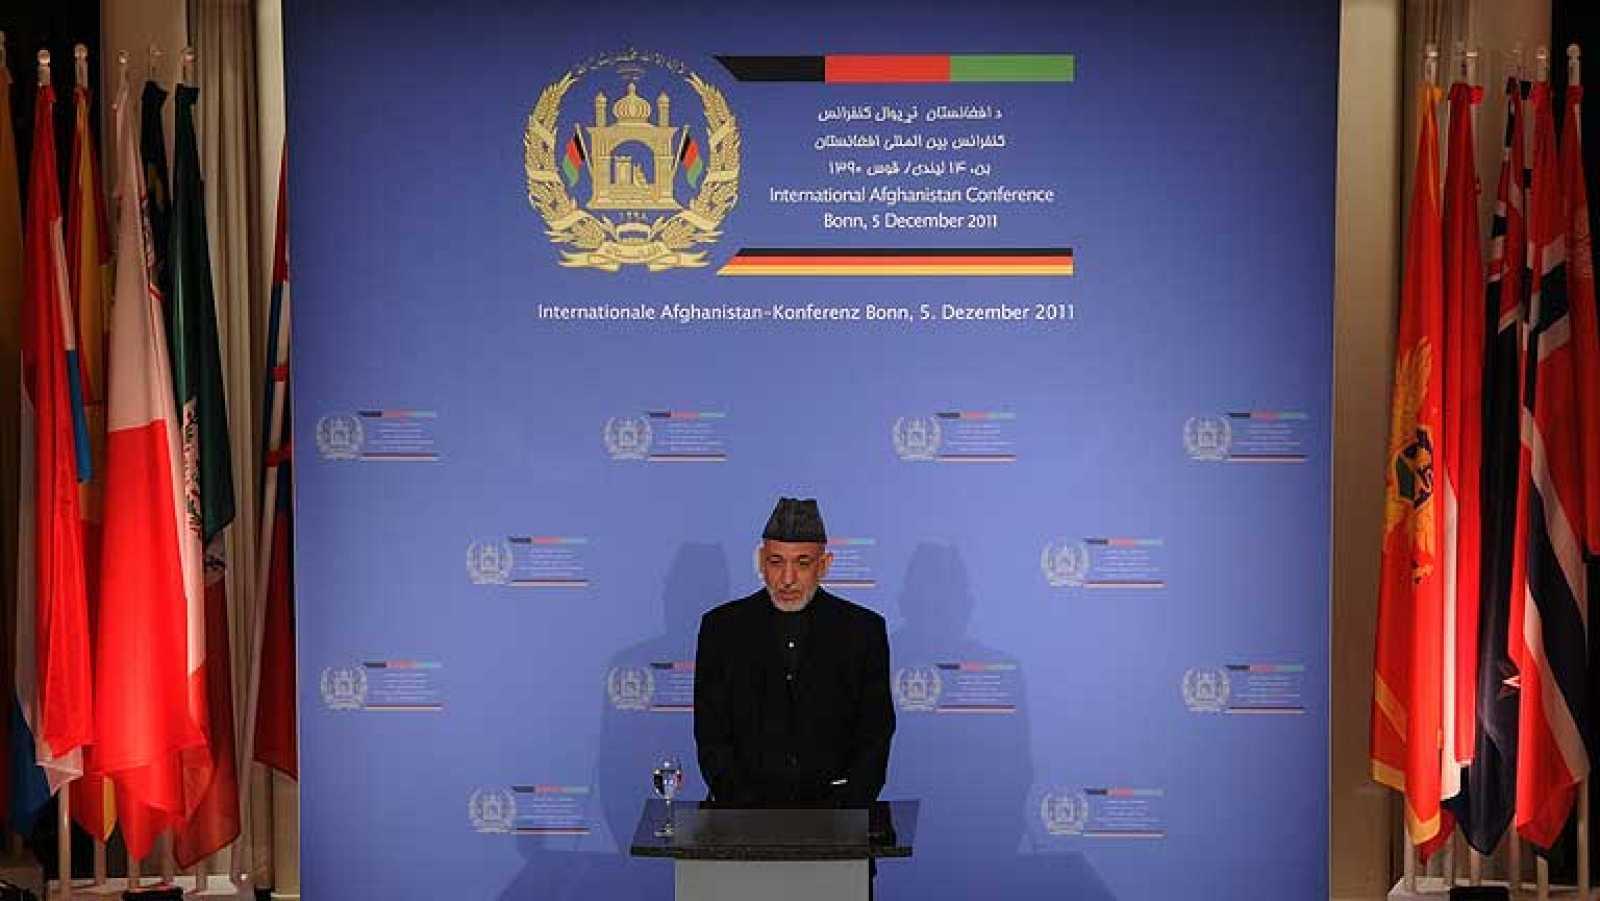 La antigua capital alemana, Bonn, acoge la conferencia internacional sobre Afganistán, una cita que medirá el compromiso internacional con un país que, según Kabul, precisará del apoyo exterior hasta 2024